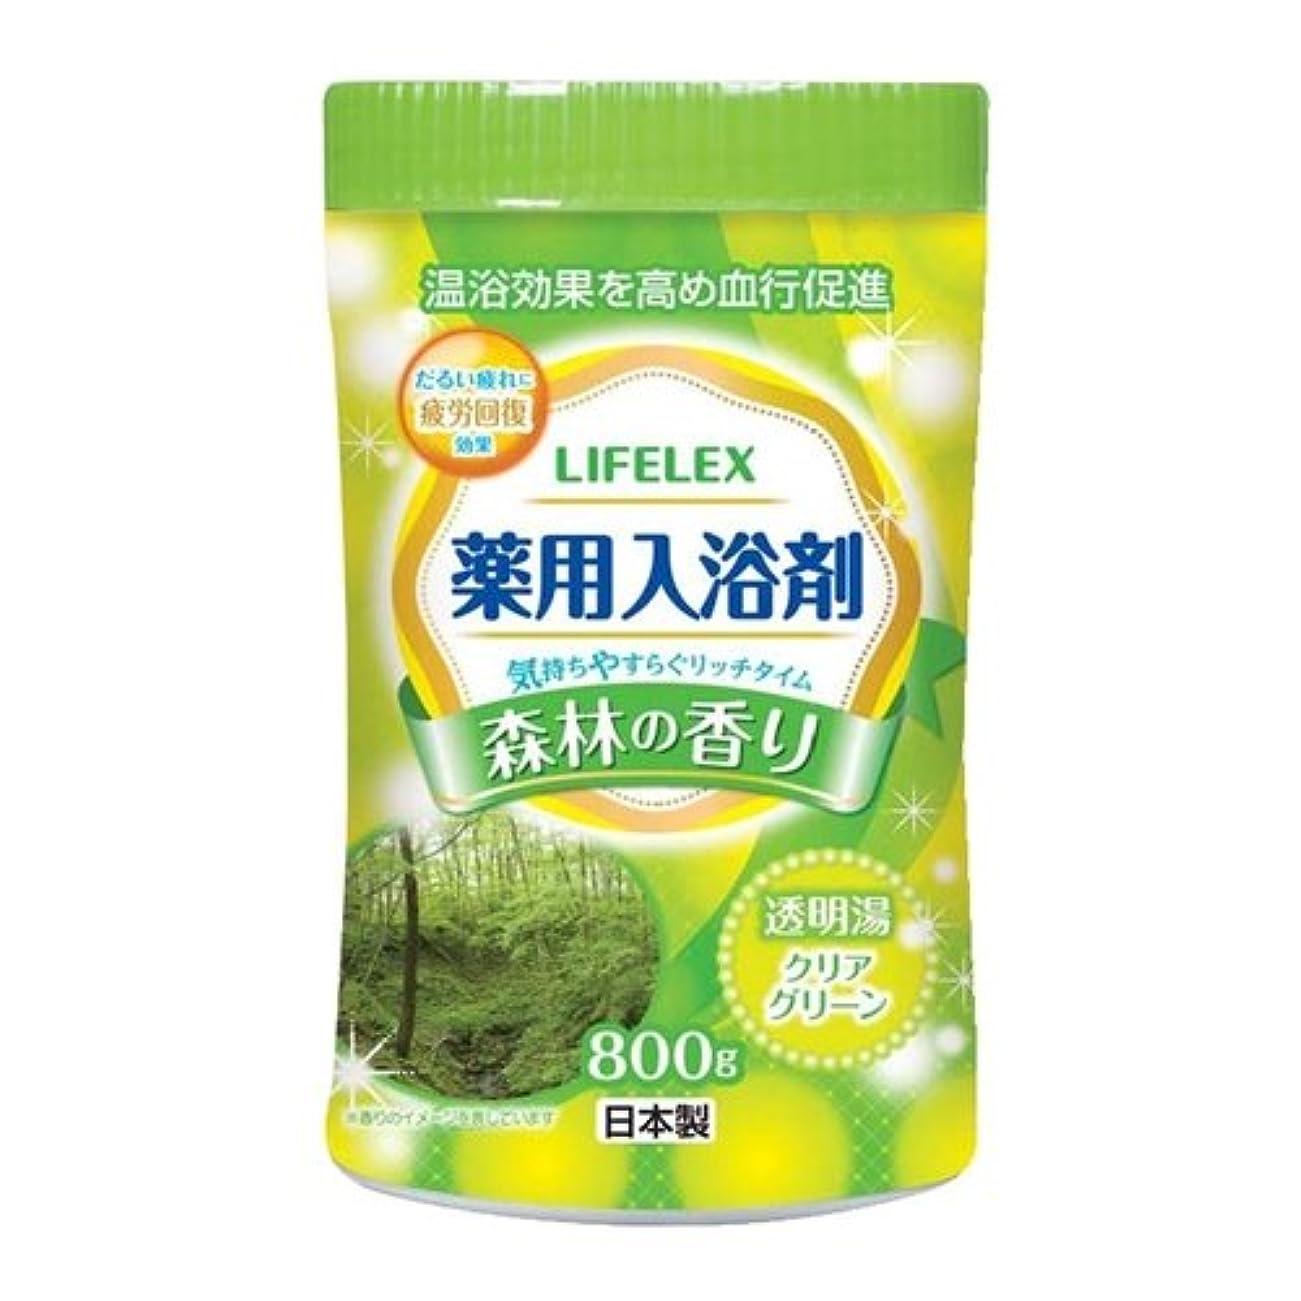 病気アナリスト式コーナンオリジナル 薬用入浴剤 森林の香り 800g